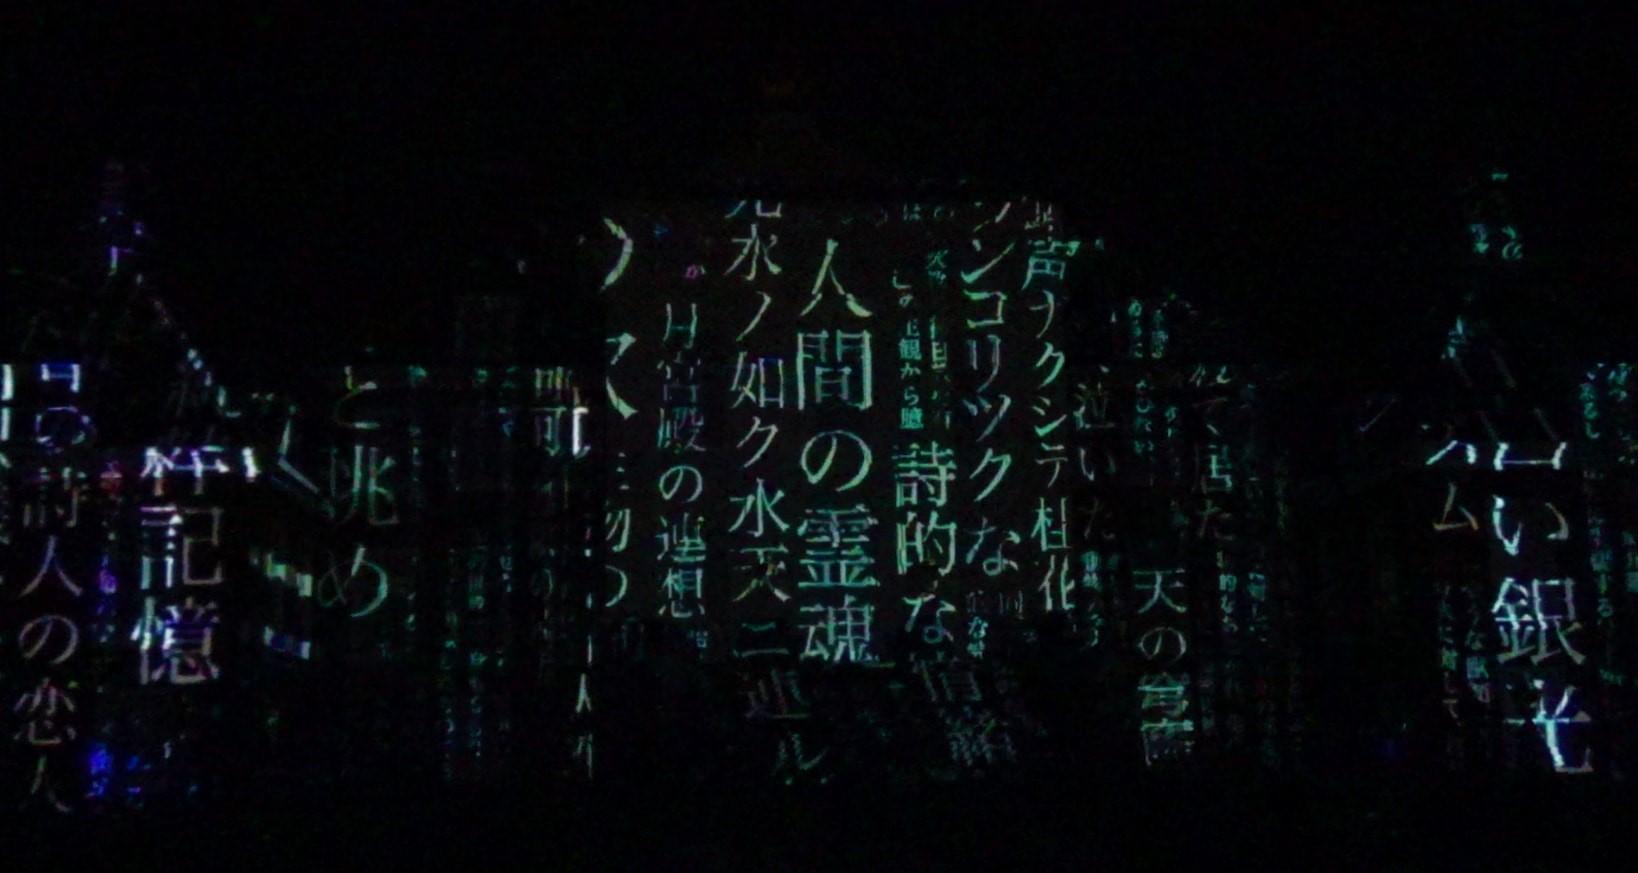 ハウステンボス 光の王国 回り方 パレスハウステンボスのプロジェクションマッピング